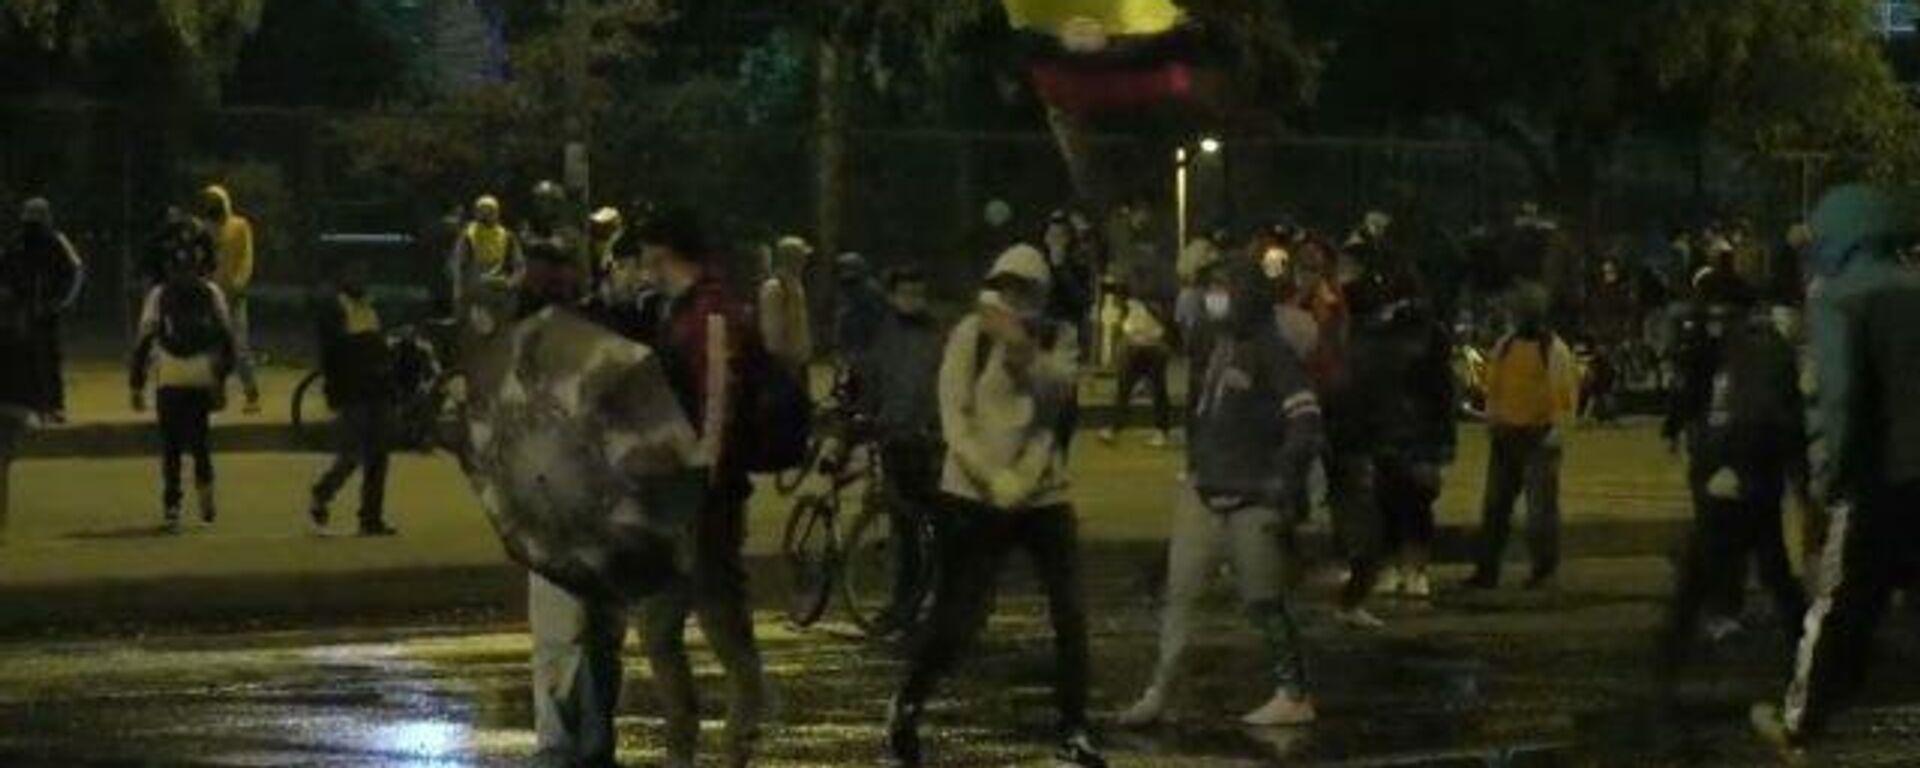 Video: enfrentamientos entre la Policía y los manifestantes durante visita de la CIDH en Colombia - Sputnik Mundo, 1920, 11.06.2021